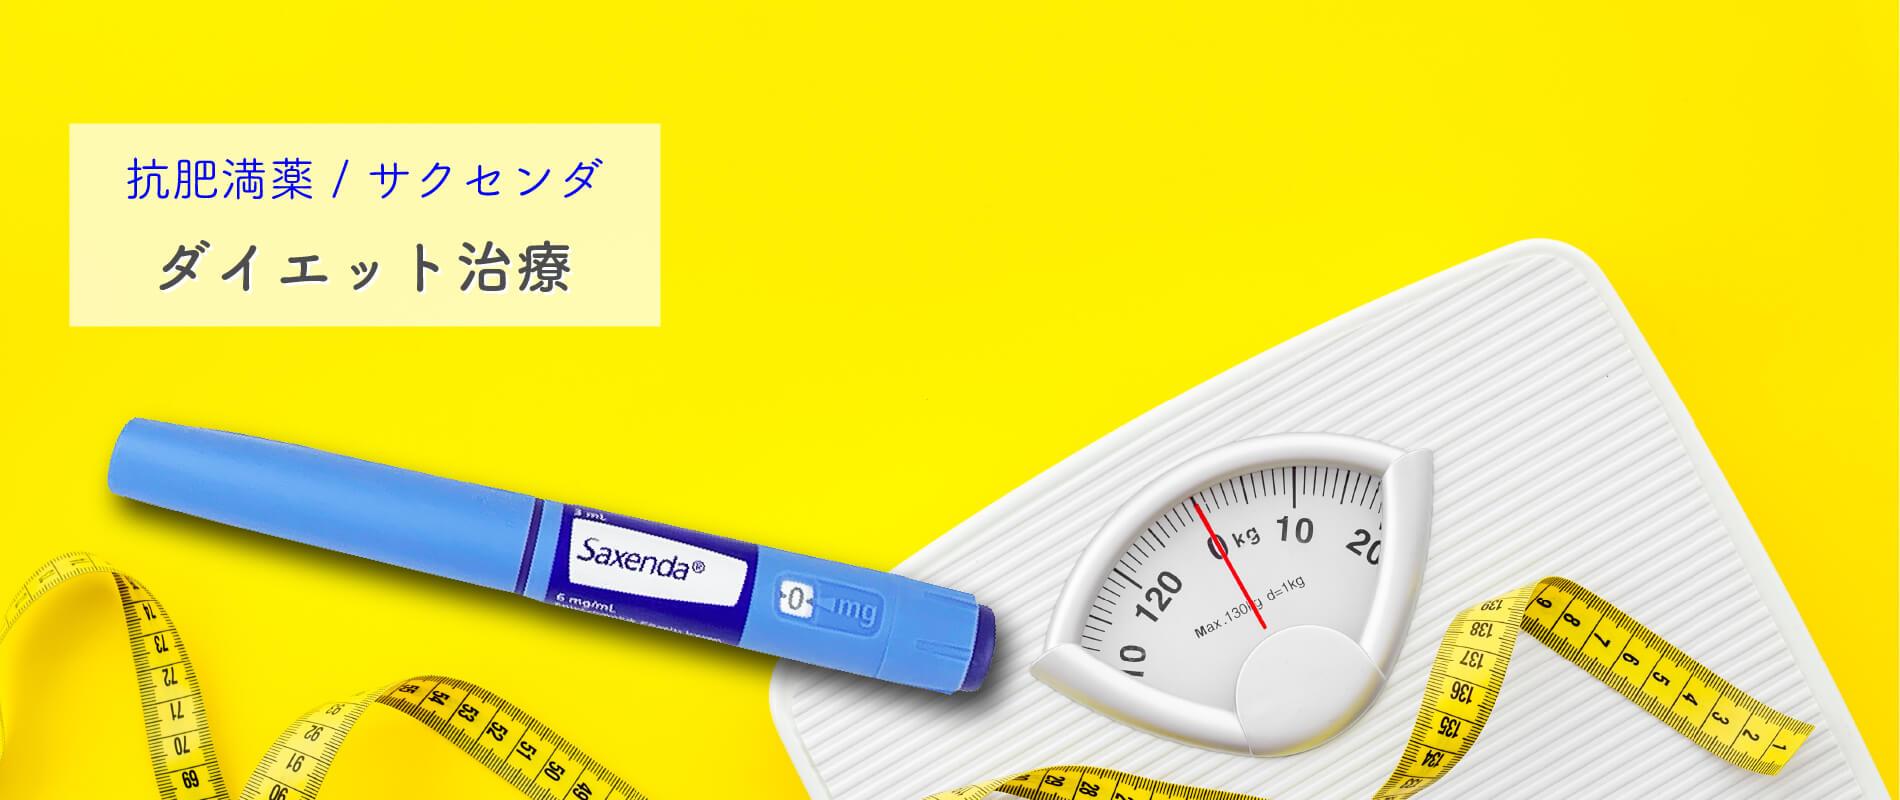 ダイエット治療